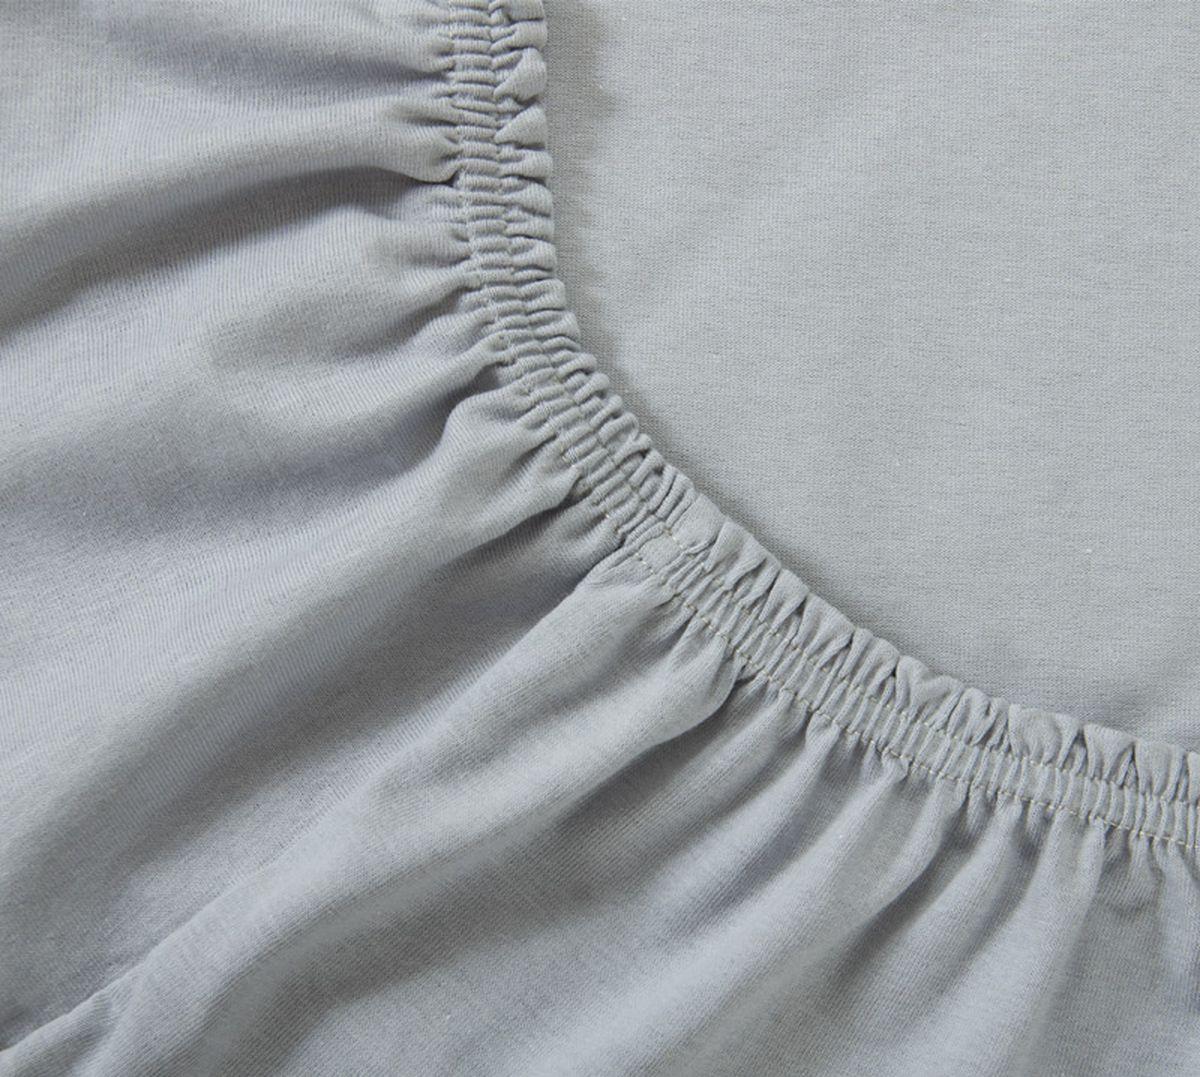 Простыня Текс-Дизайн, на резинке, цвет: серый, 180 х 200 х 20 смР014ТПростыня Текс-Дизайн изготовлена из трикотажа высокого качества, состоящего на 100% из хлопка. По всему периметру простыня снабжена резинкой, что обеспечивает комфортный отдых, и избавляет от неприятных ощущений скомкавшейся во время сна изделия. Простыня легко одевается на матрасы высотой до 20 см. Идеально подходит в качестве наматрасника. Трикотаж эластичен и растяжим, практически не мнется и не теряет форму после стирки. И кроме того он очень красиво выглядит и приятен на ощупь.